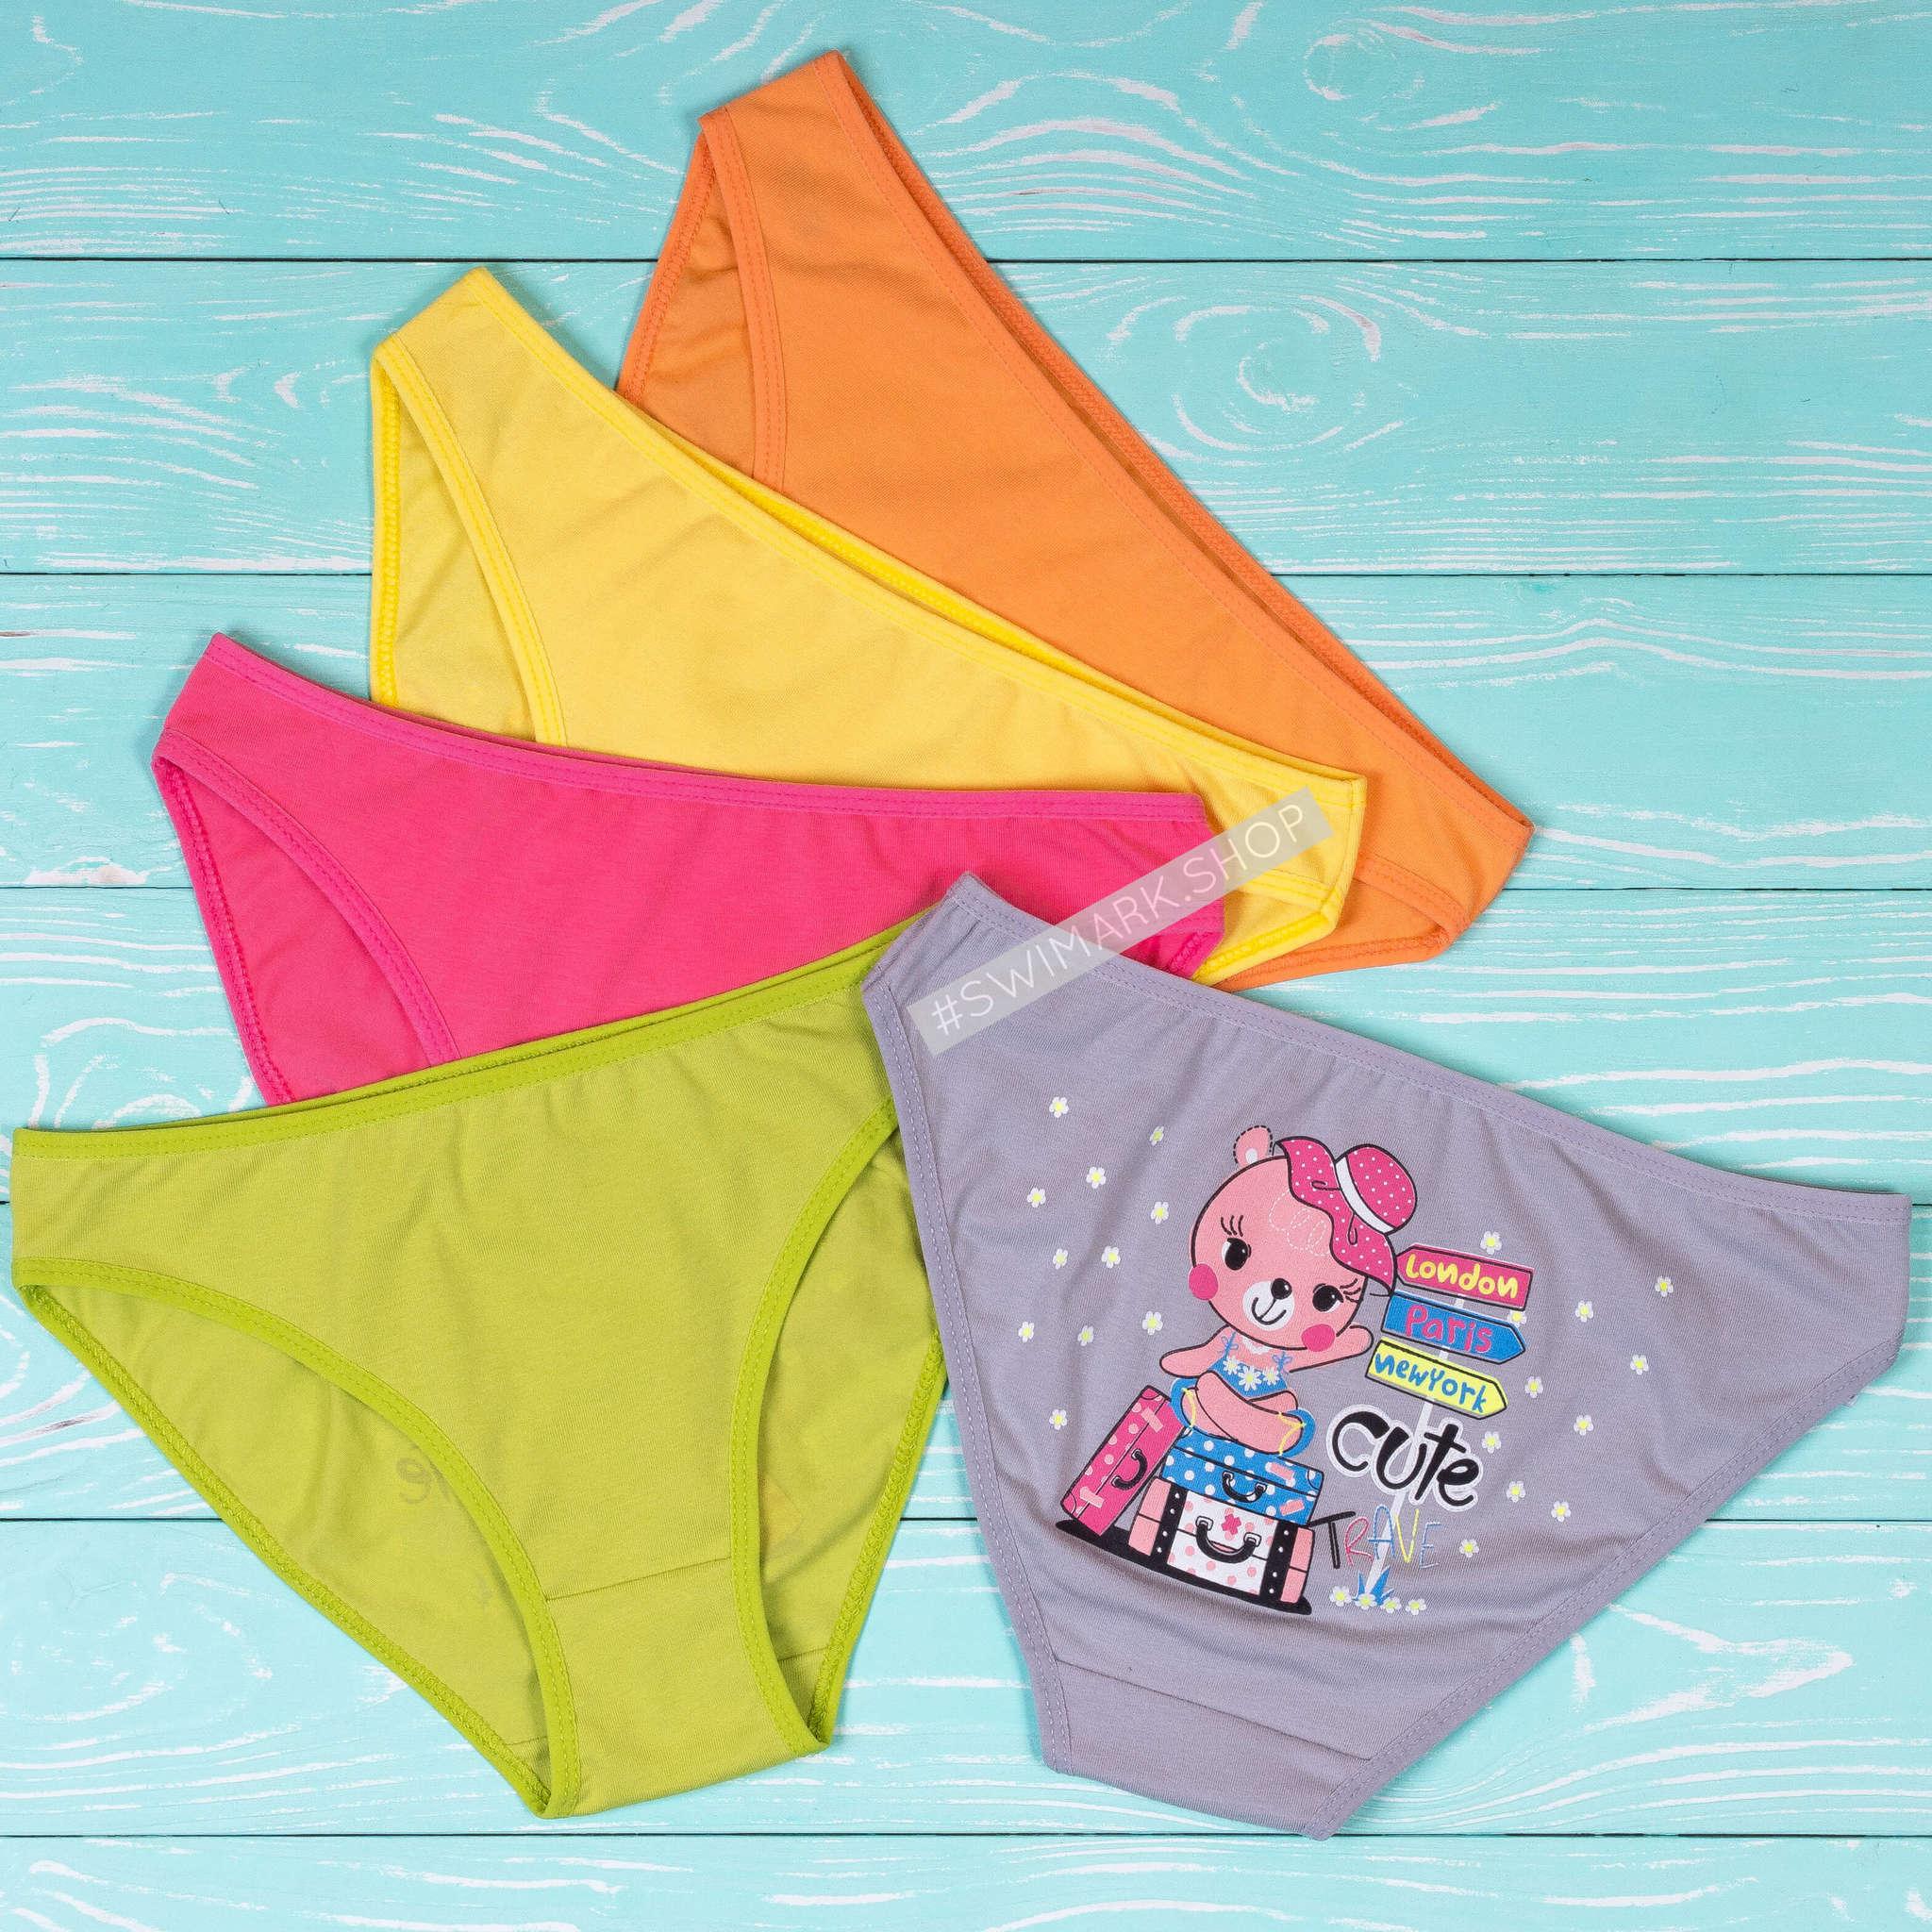 Трусики детские DOMI 76250-22, 6 шт. в упаковке swimark.shop15439.jpg